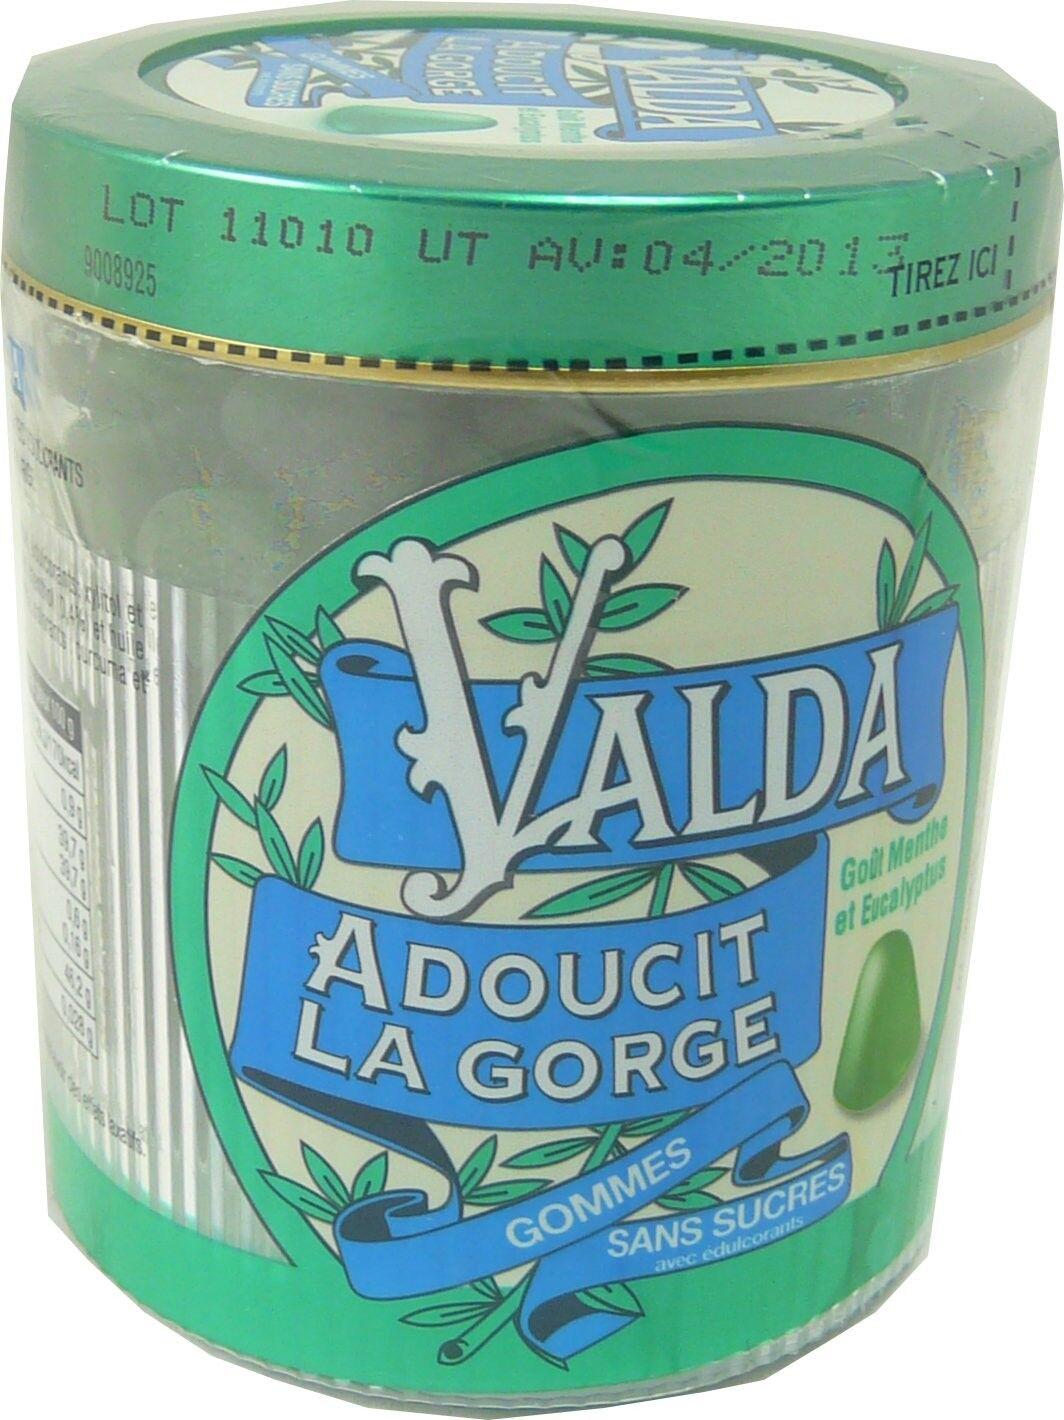 Valda adoucit la gorge gommes menthe eucalyptus sans sucres